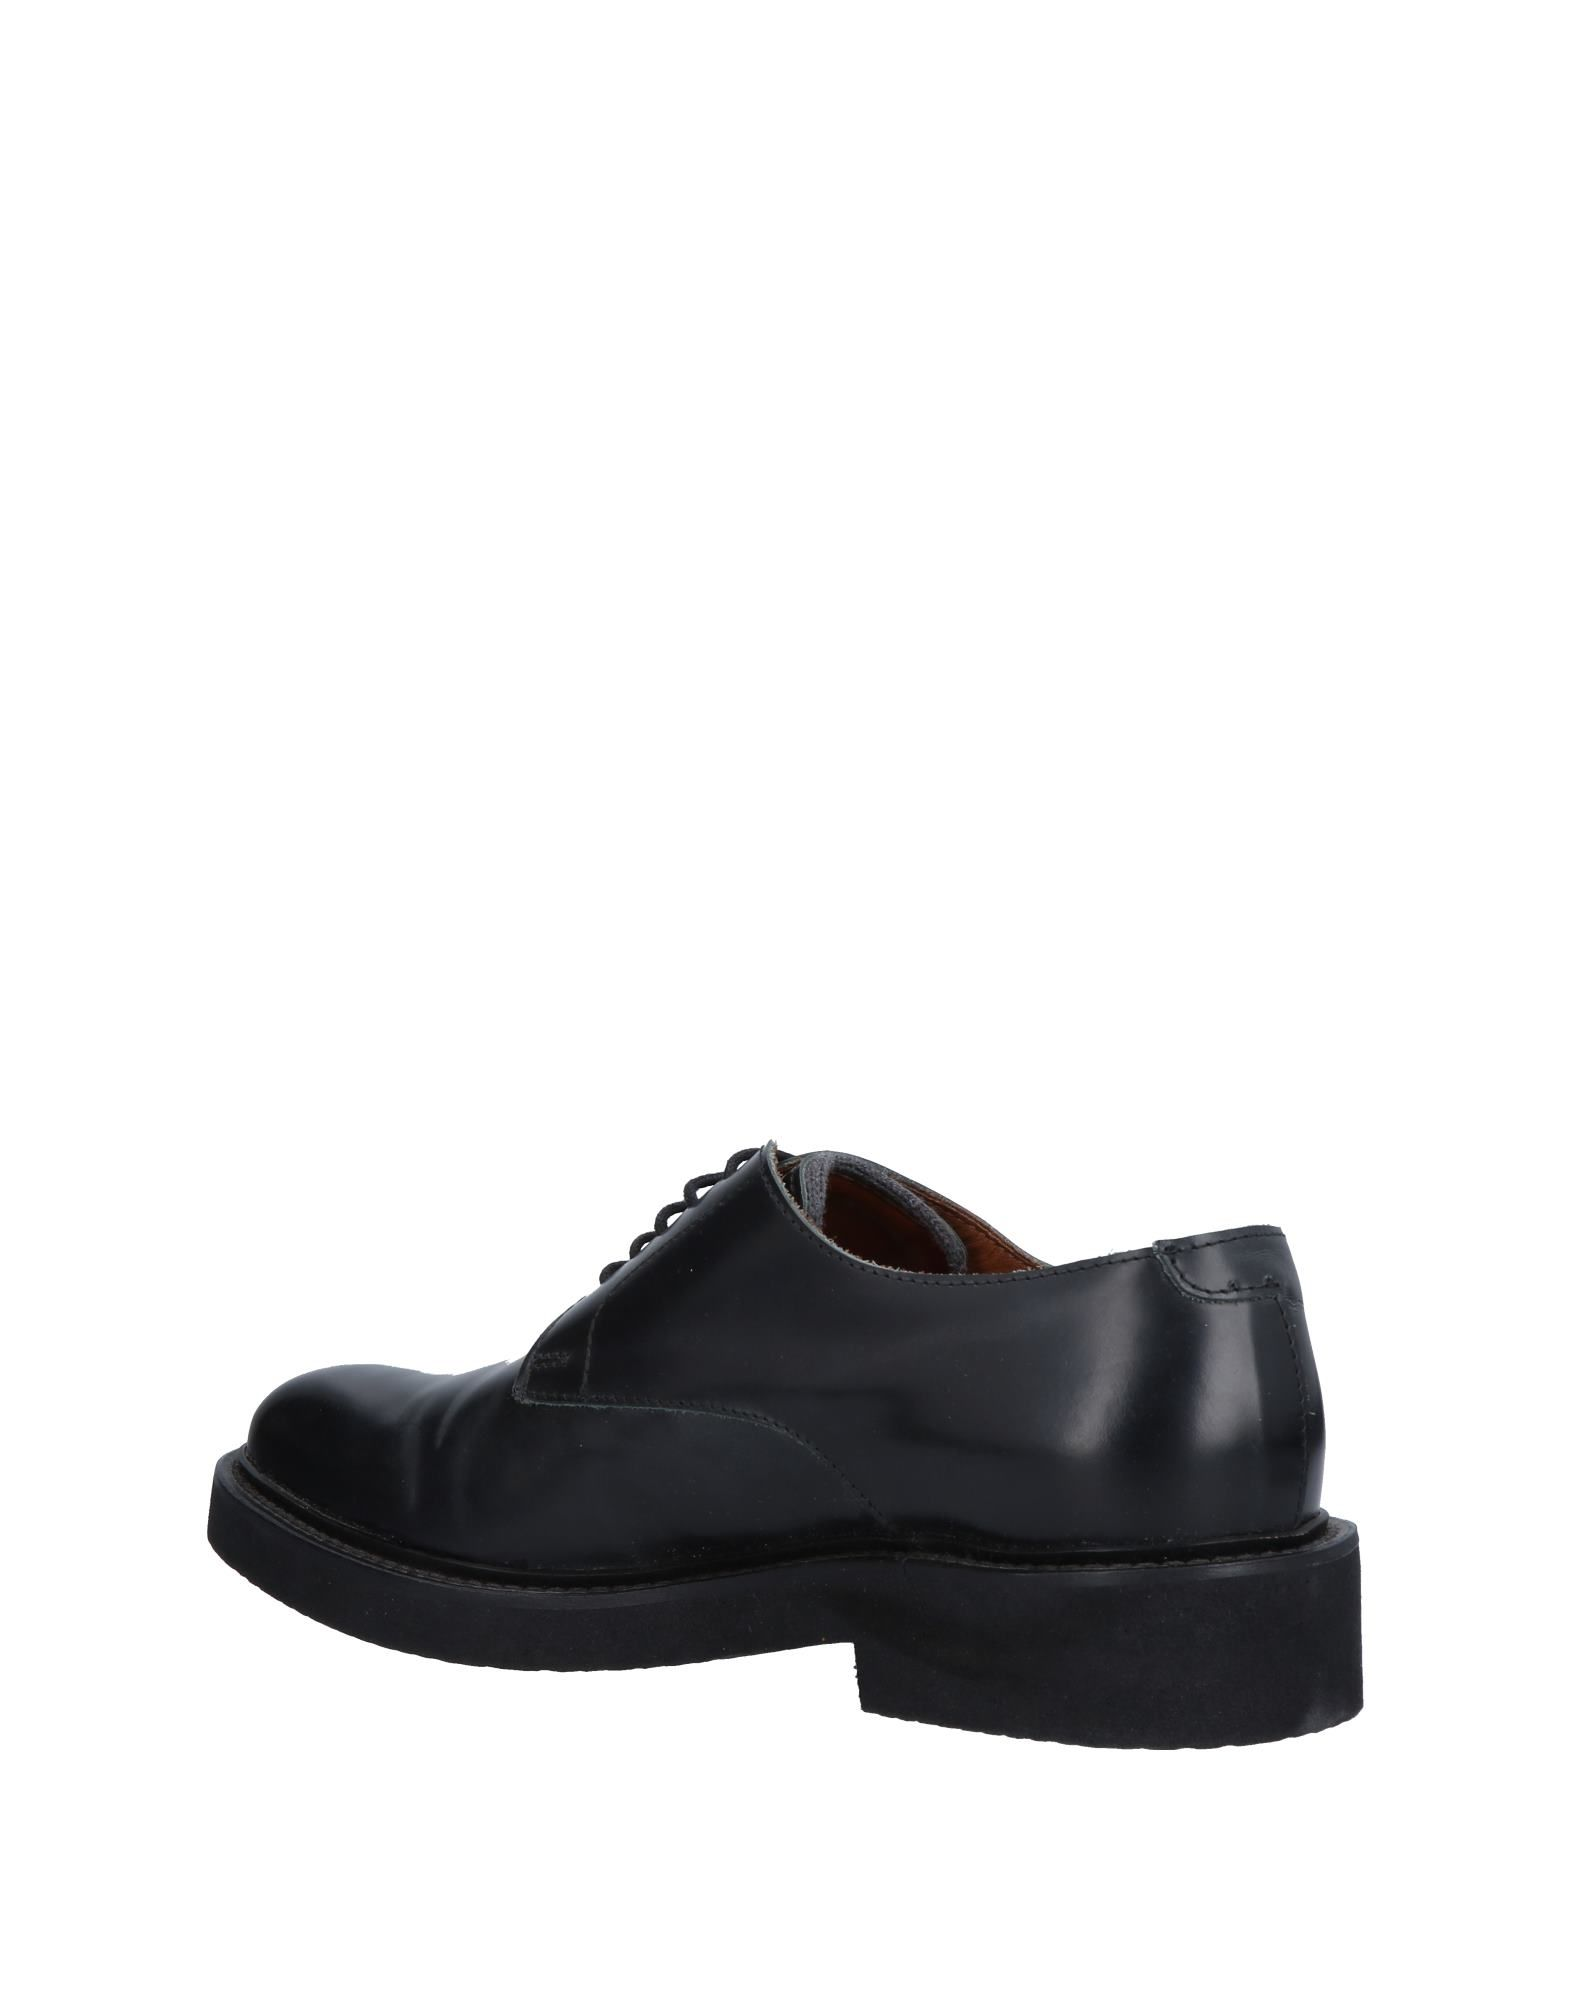 Eleventy Schnürschuhe Herren  11492404RN Gute Qualität beliebte Schuhe